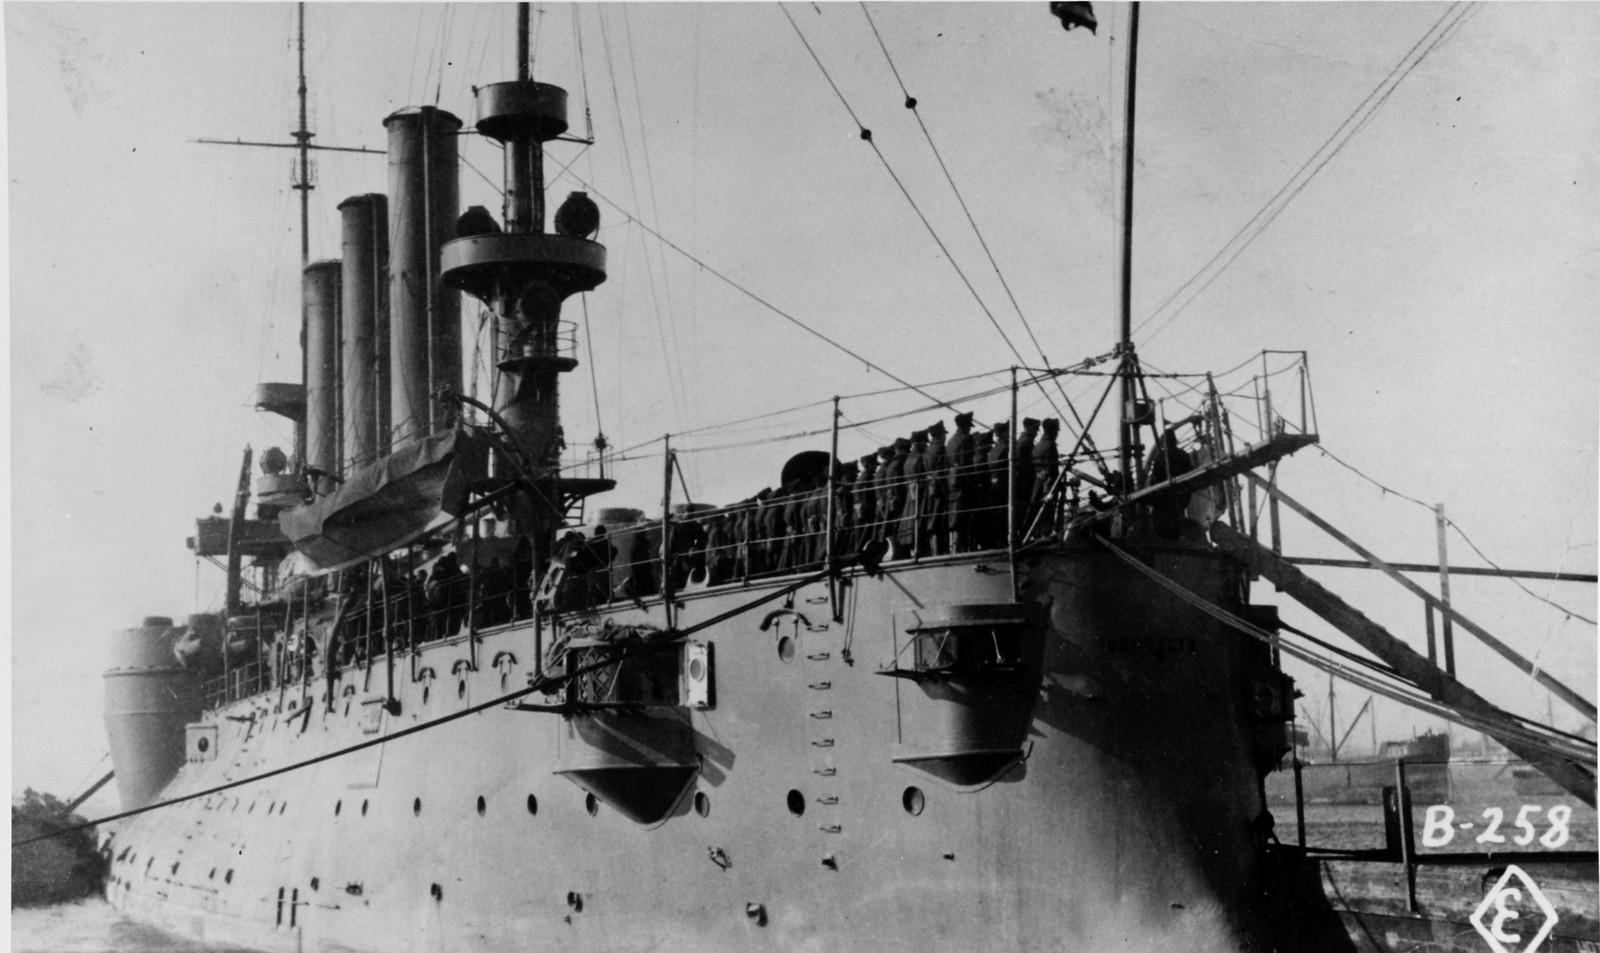 1918. Броненосный крейсер «Бруклин». Морские пехотинцы на палубе корабля